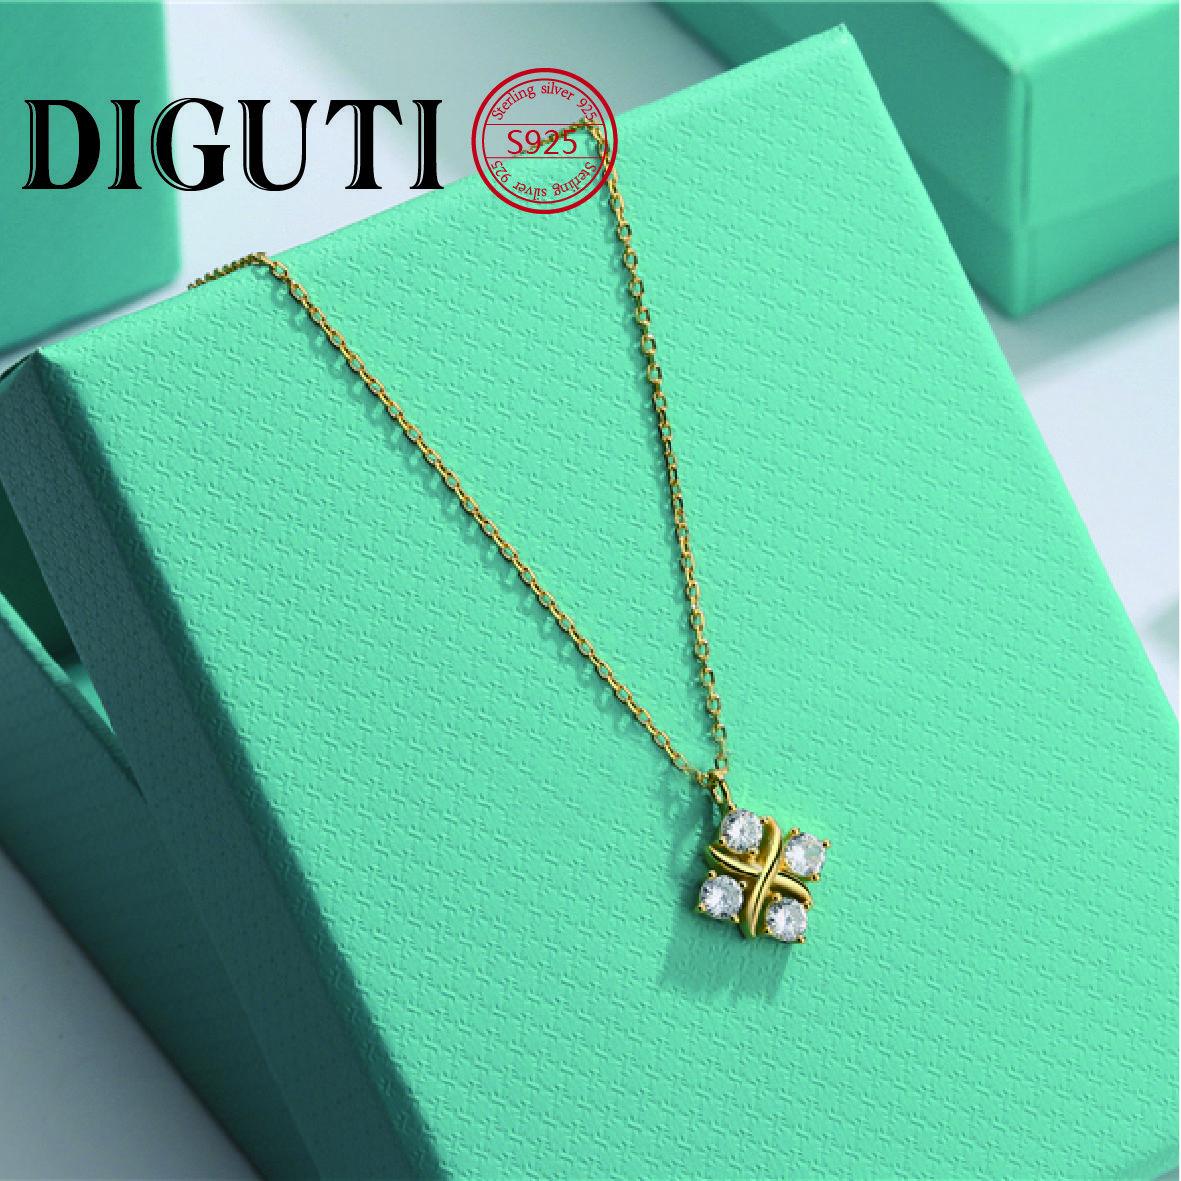 Tiff ljewelry tasarım kolye, zirkon ile kakma, orijinal renk kolye